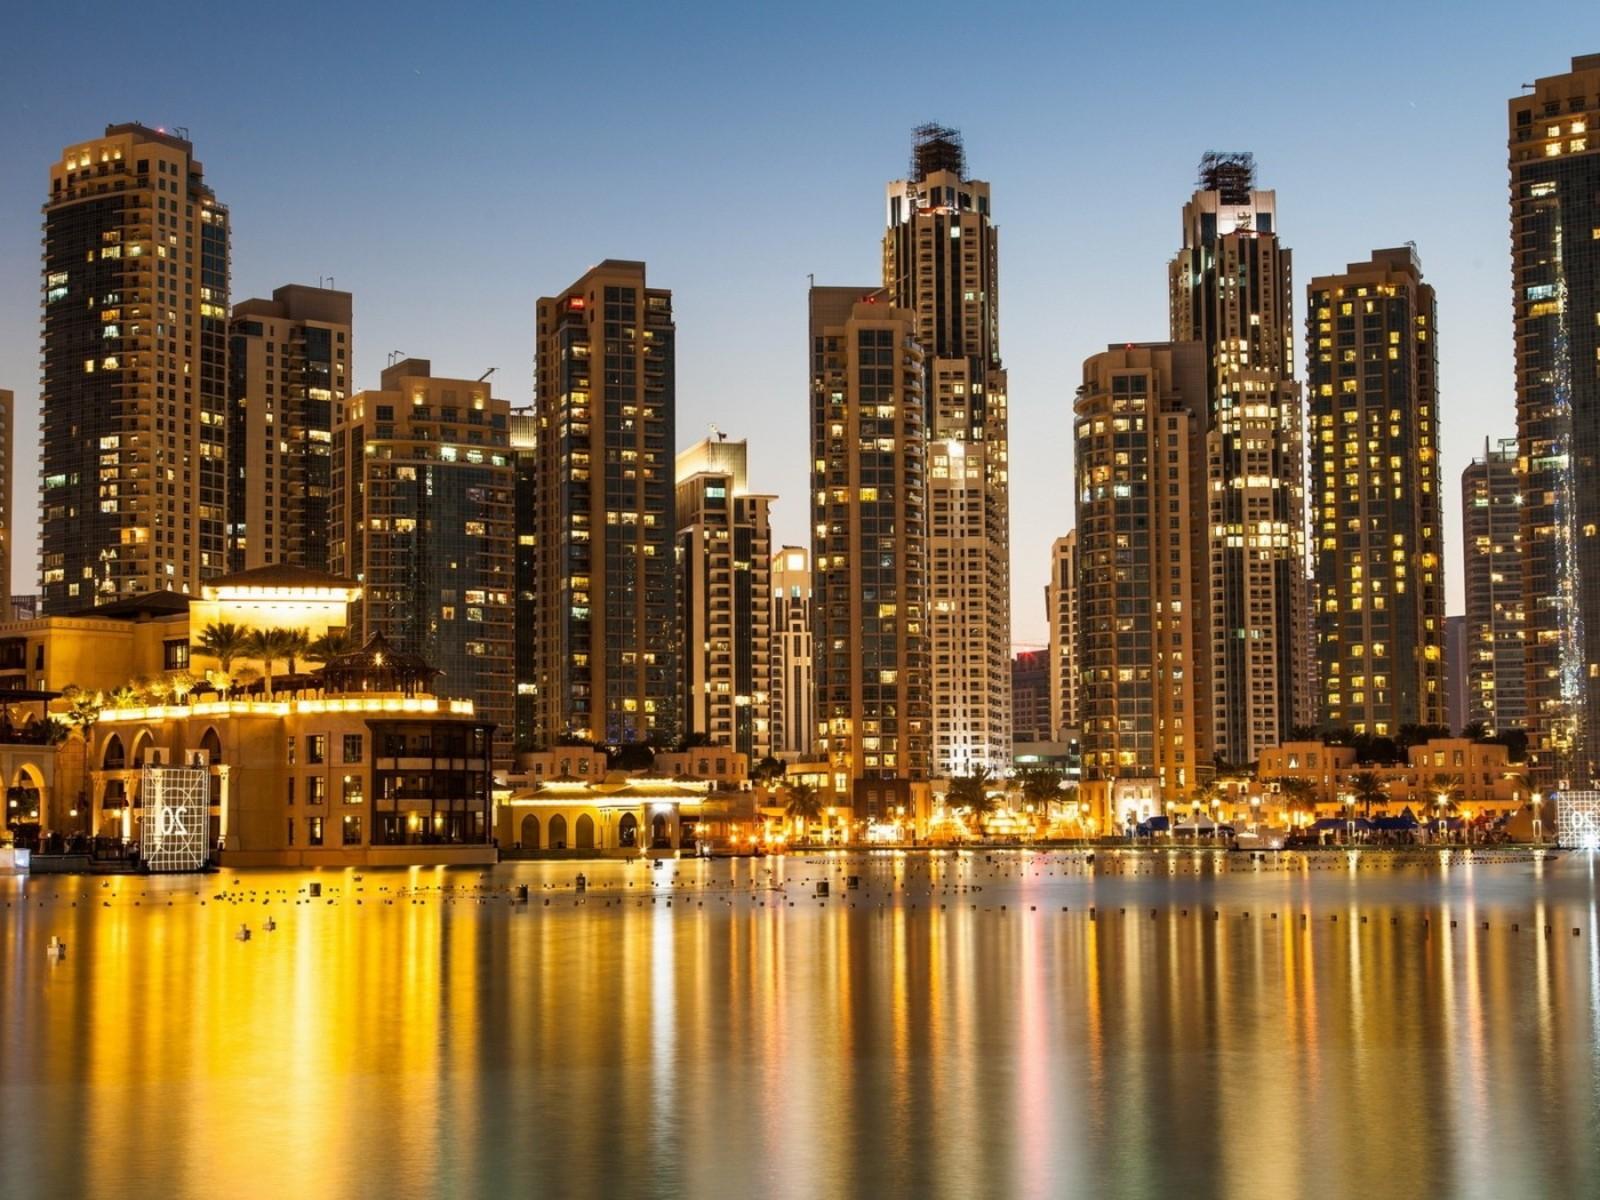 En los Emiratos Árabes Unidos, una alianza entre Huobi y una agencia de bienes raíces permitirá a inversores comprar y vender propiedades inmobiliarias usando criptomonedas